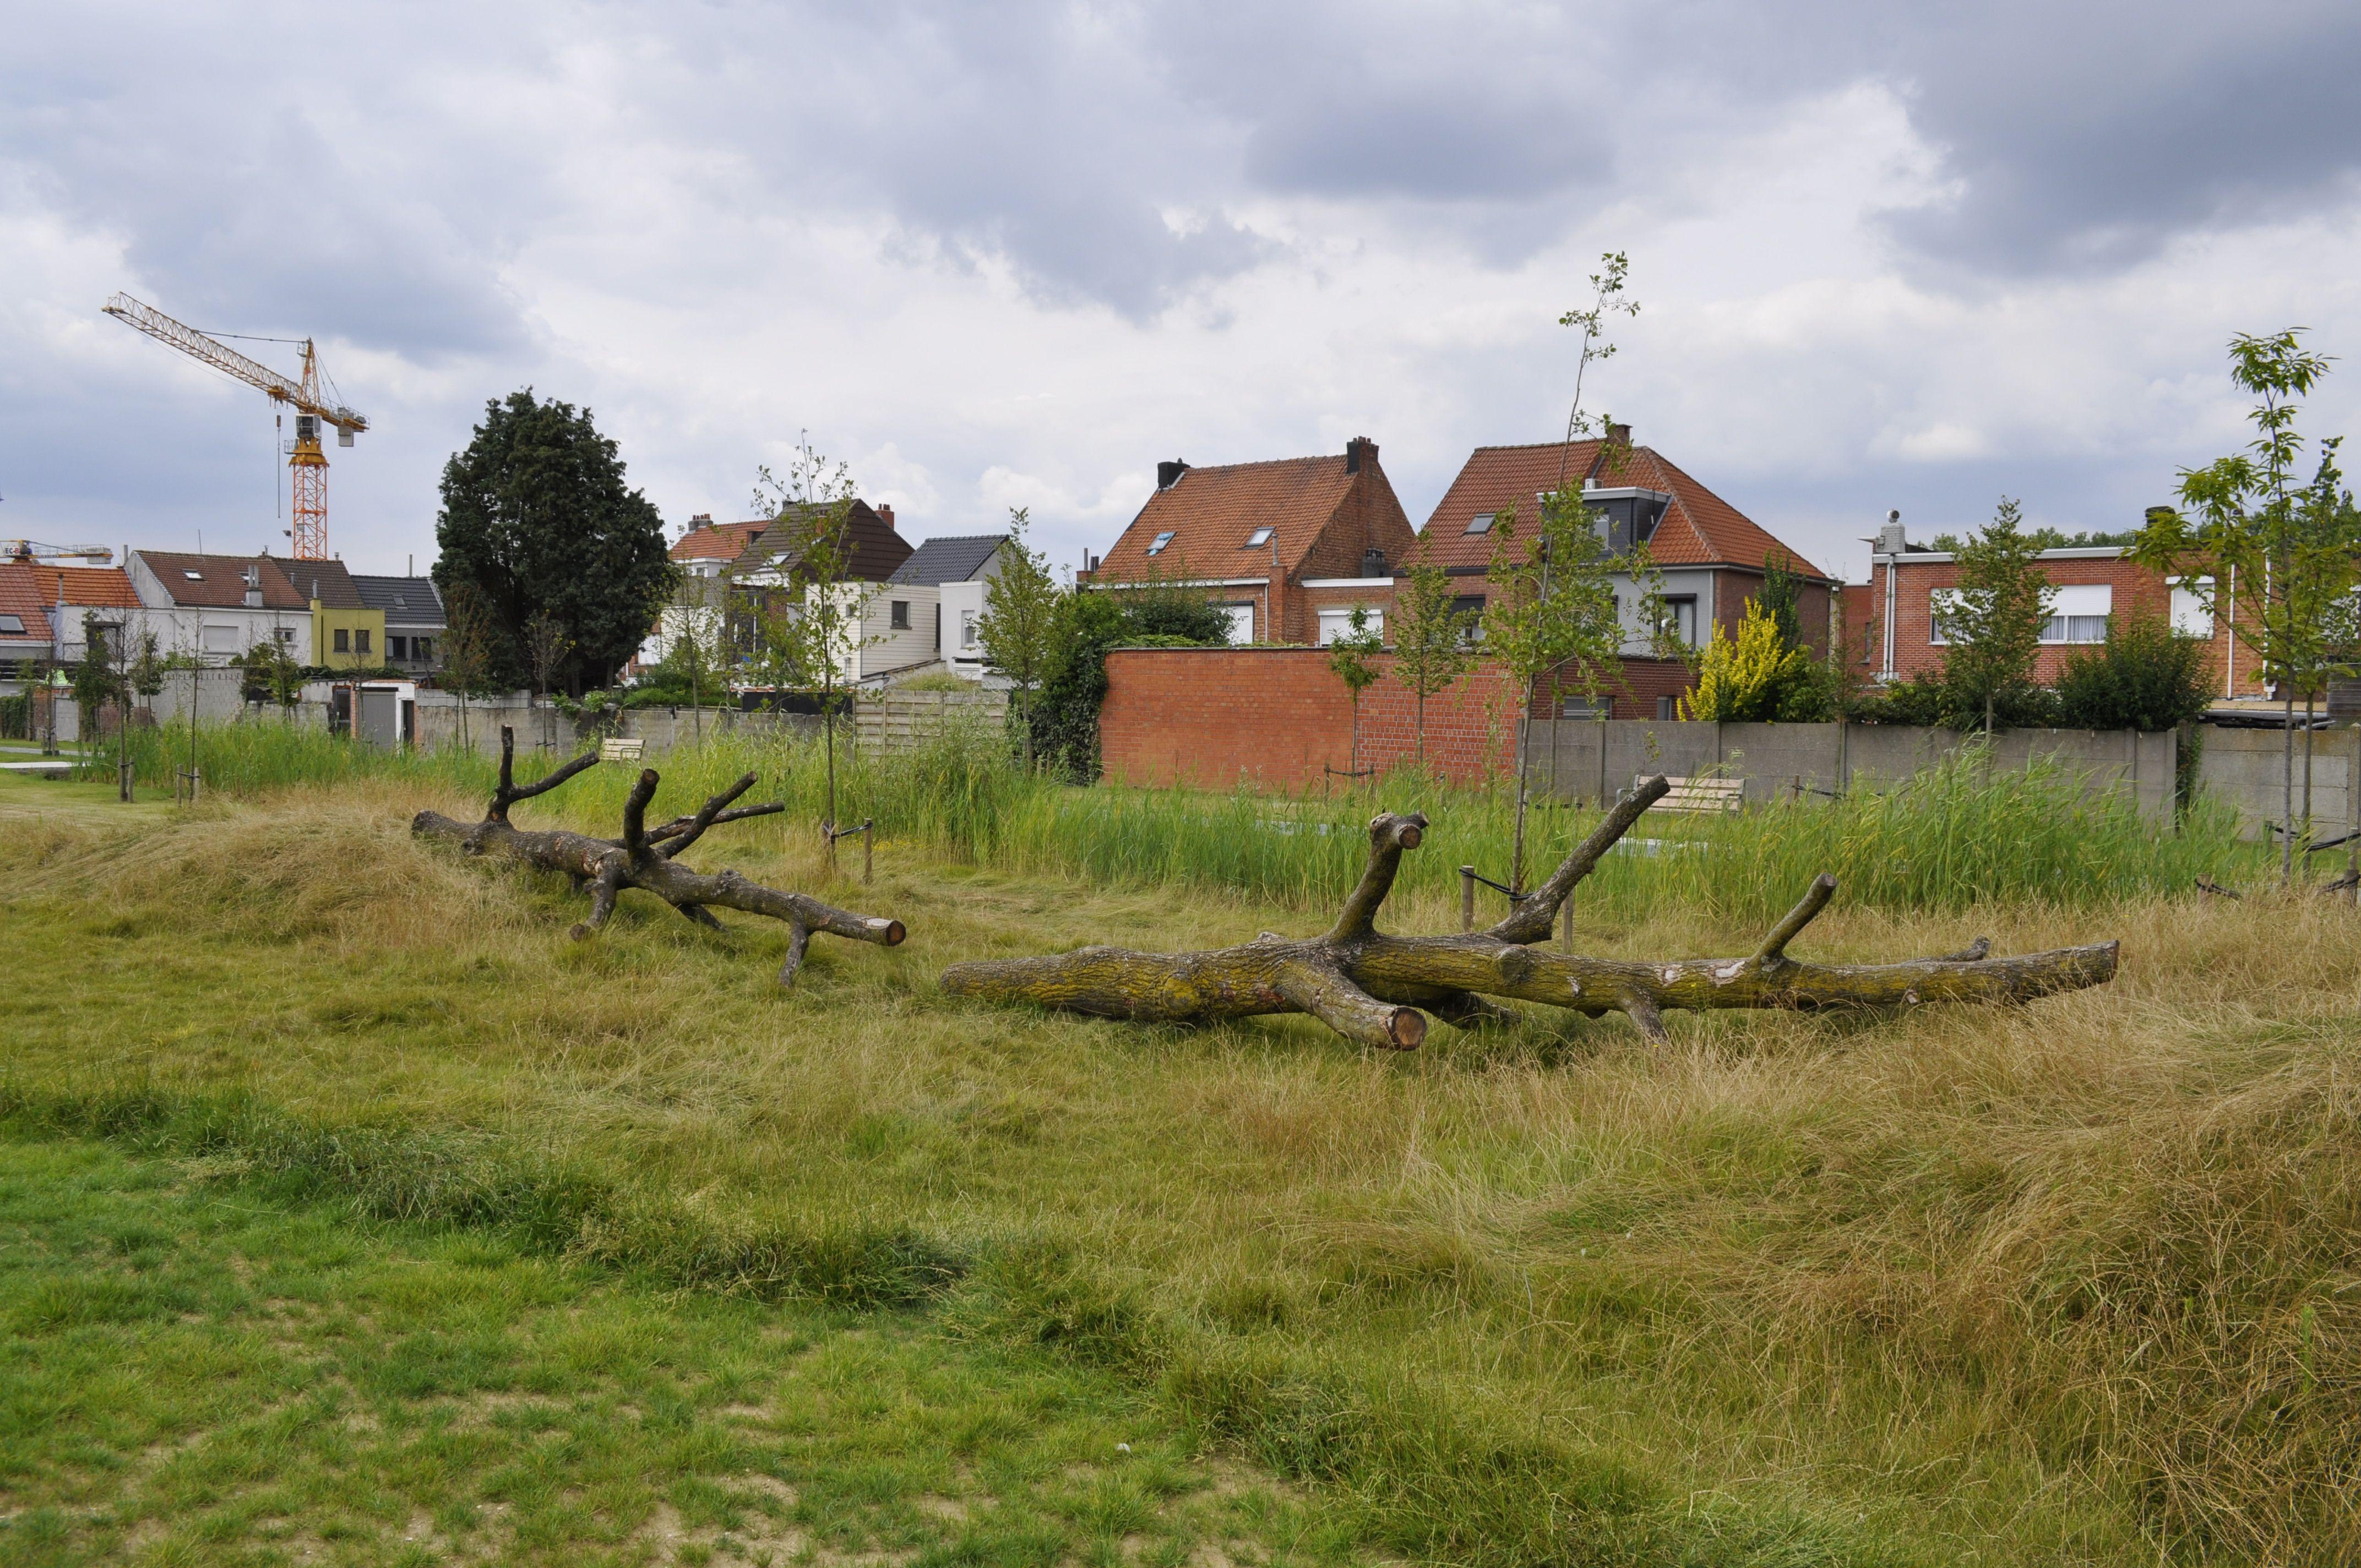 Hydepark Hoboken Antwerpen Antwerpen, Natuur